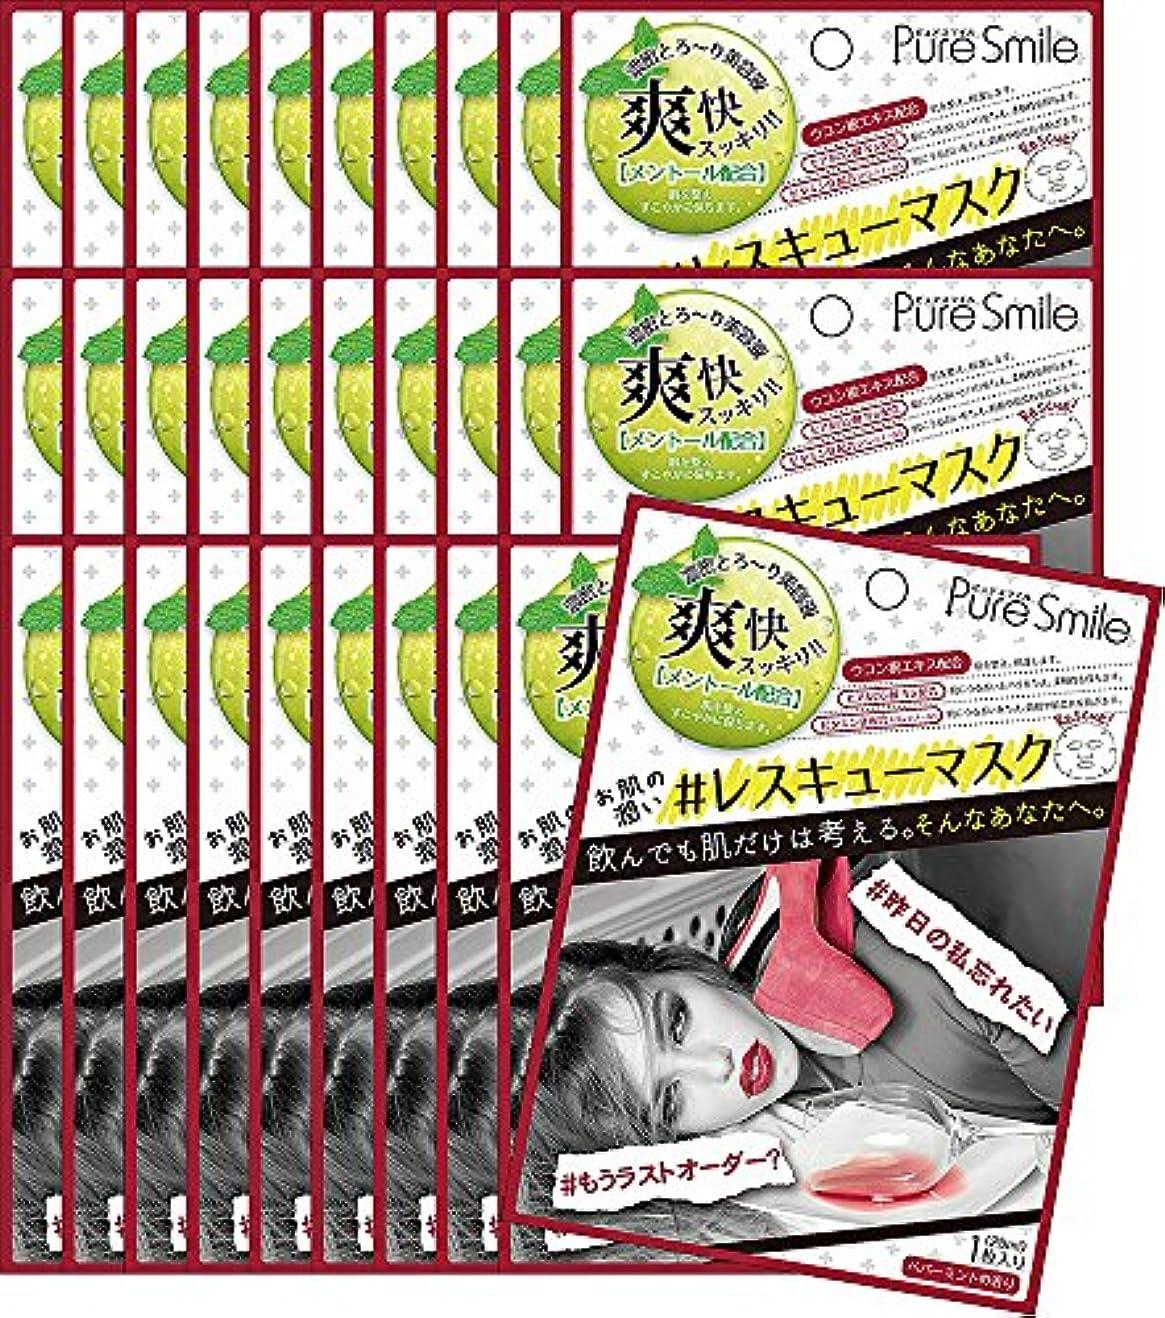 ダイアクリティカルアソシエイト罪悪感ピュアスマイル 『レスキューマスク』【飲みすぎ/ウコンでレスキュー(ペパーミントの香り)メントール配合】30枚セット